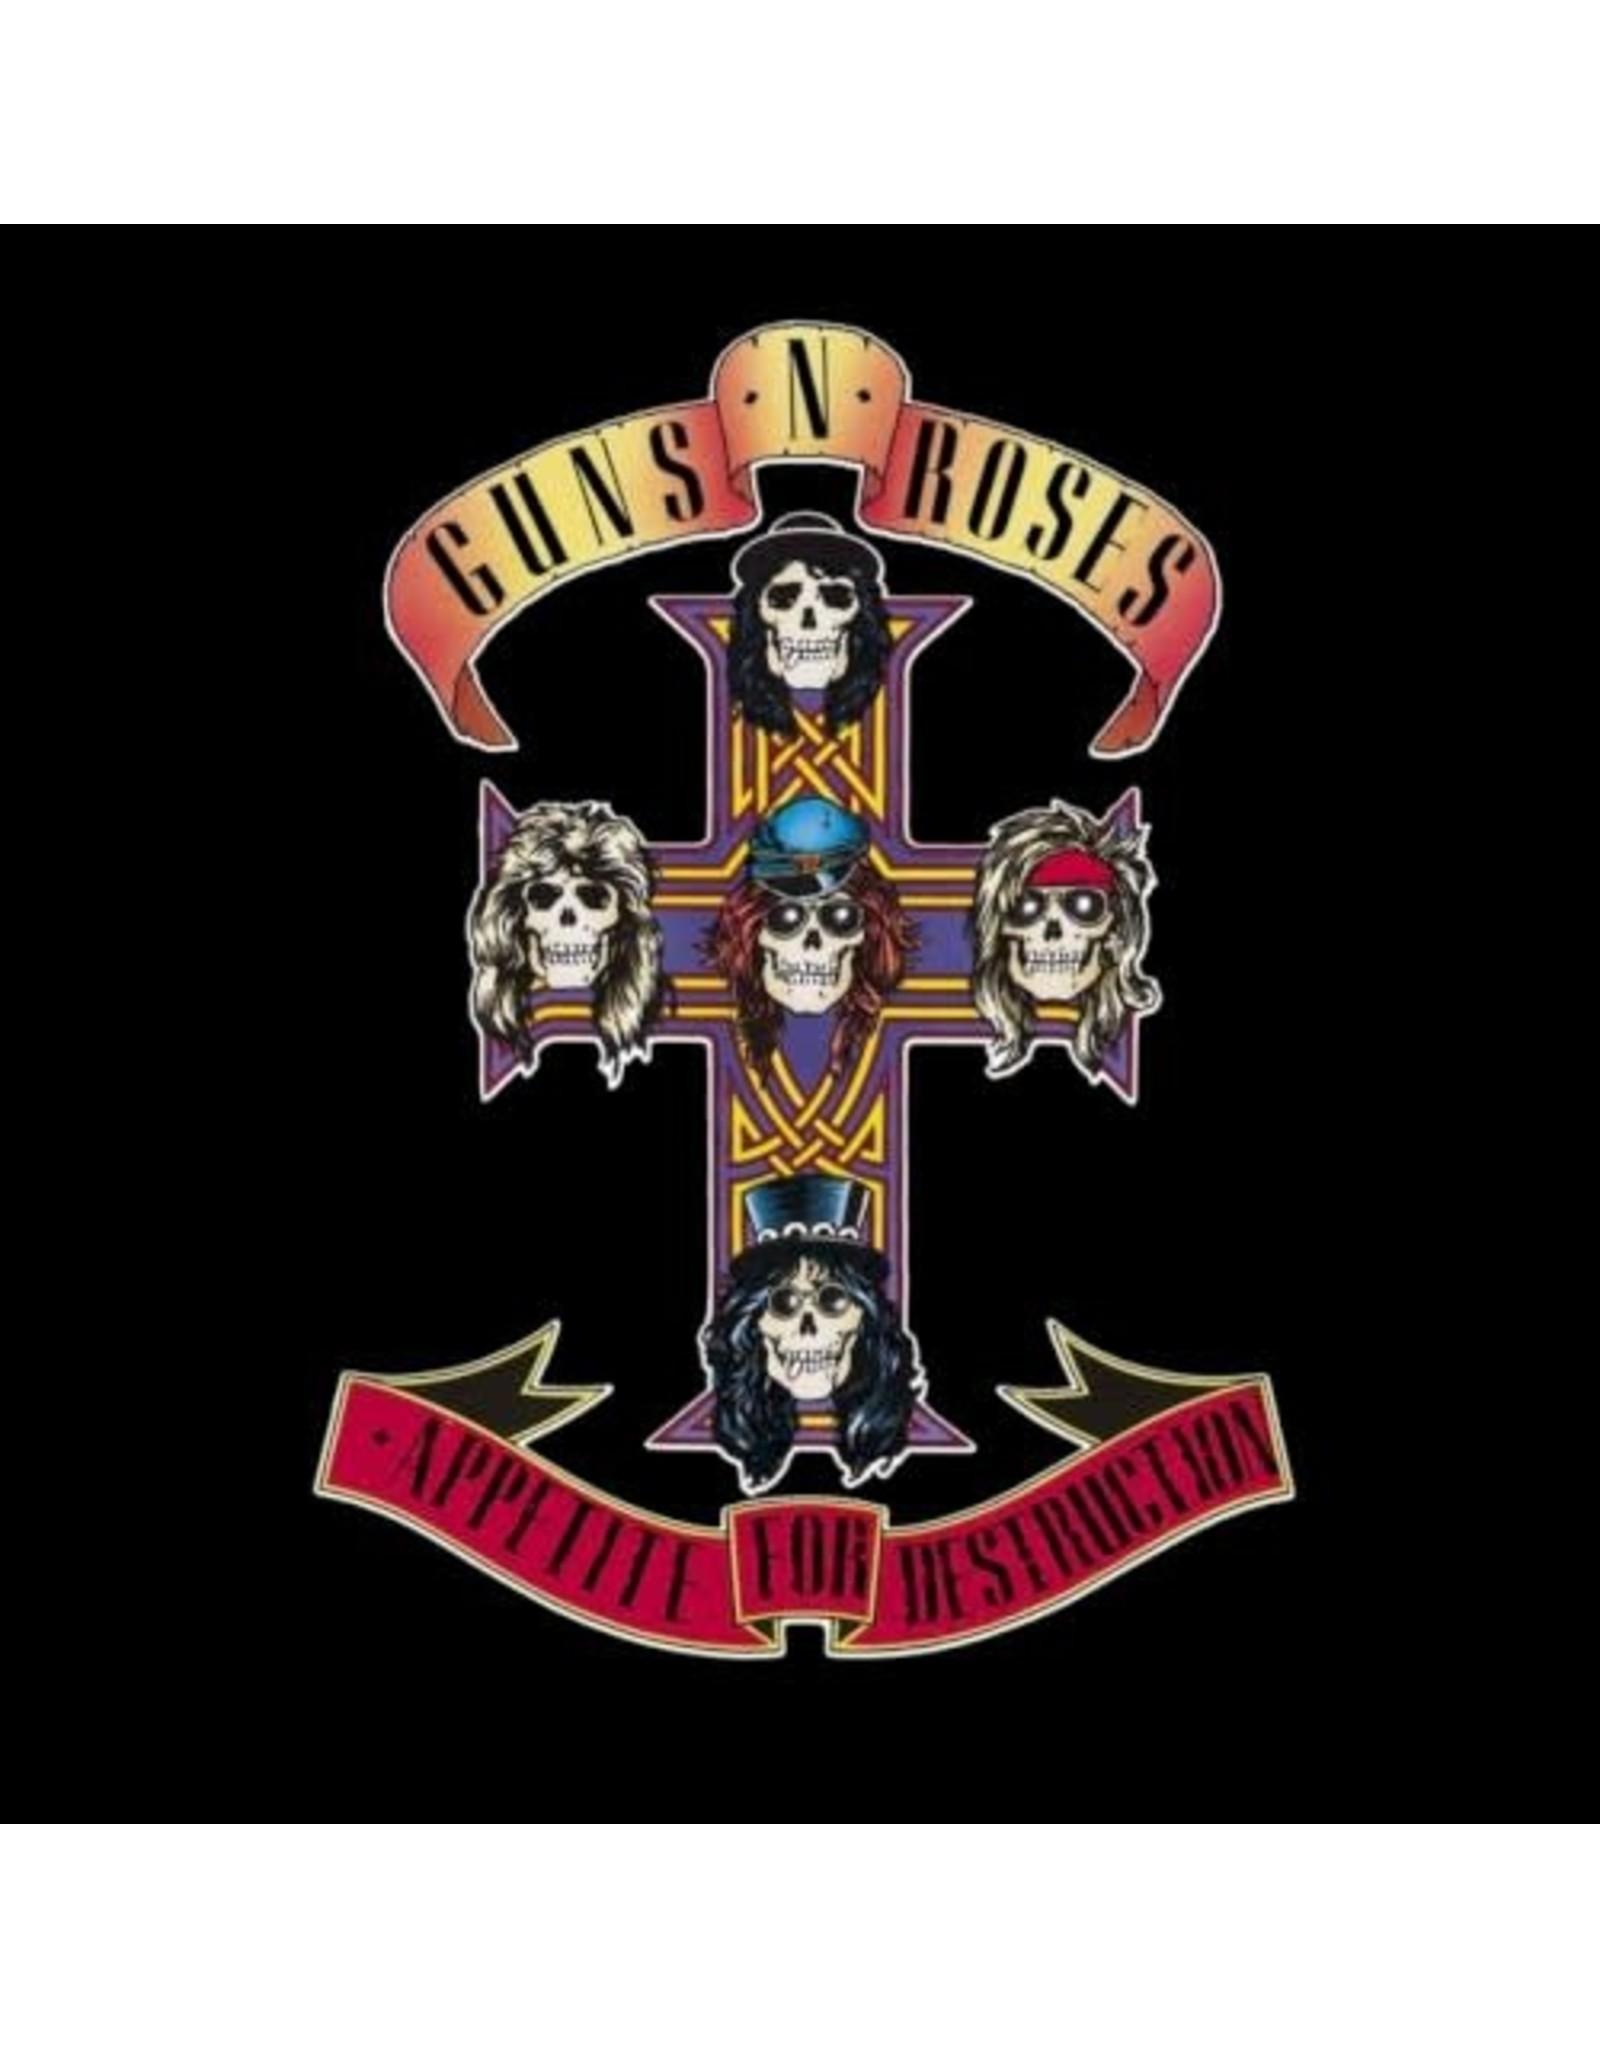 Guns N Roses - Appetite For Destruction LP